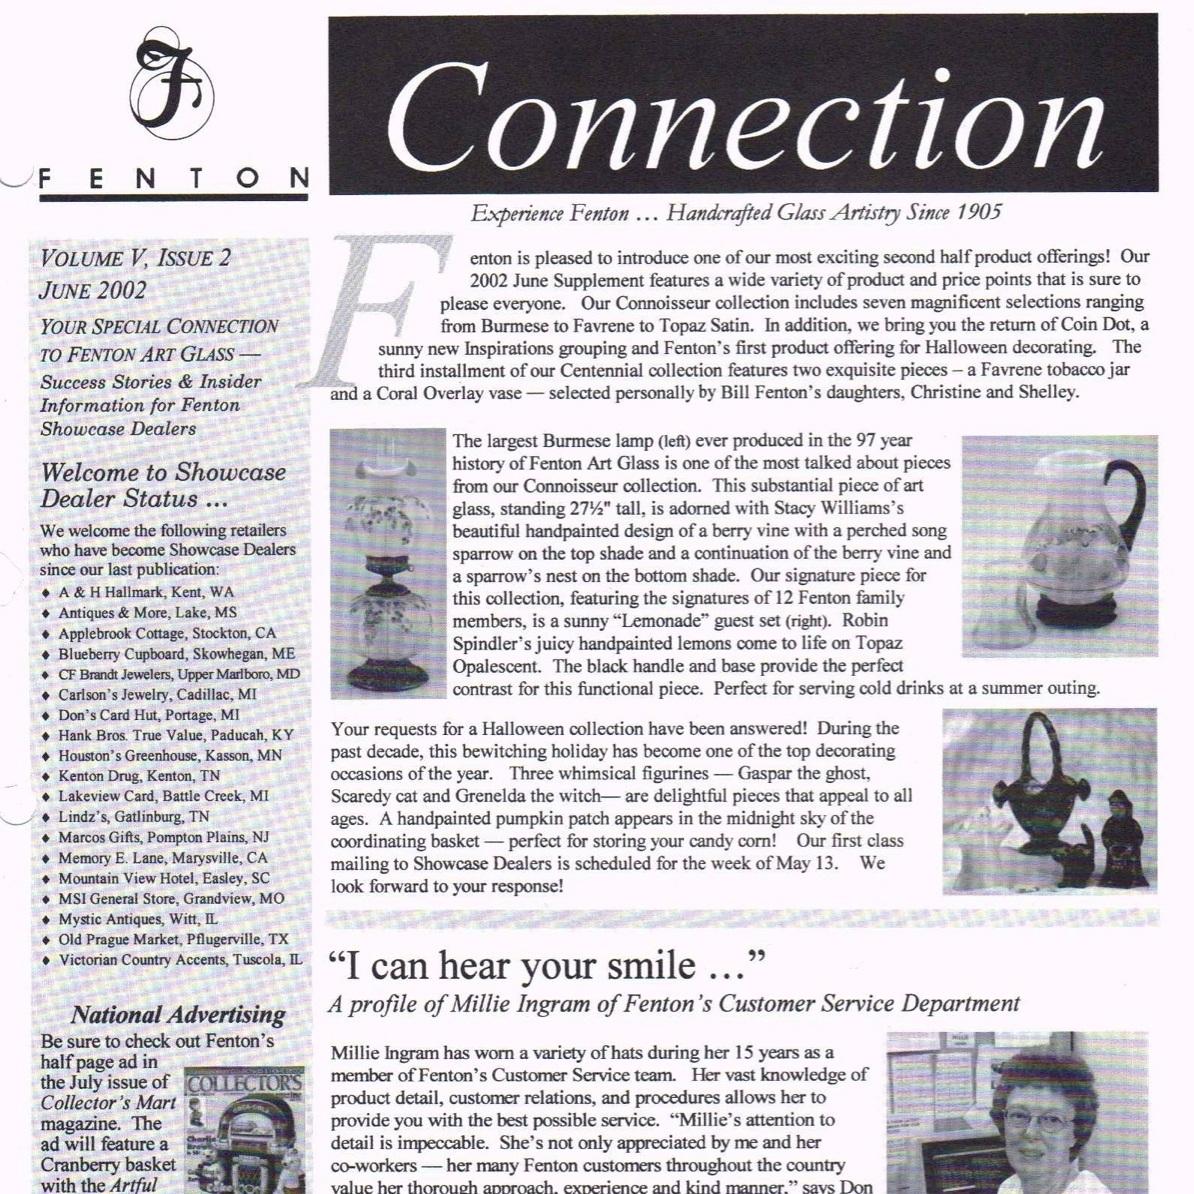 2002 June Fenton Connection